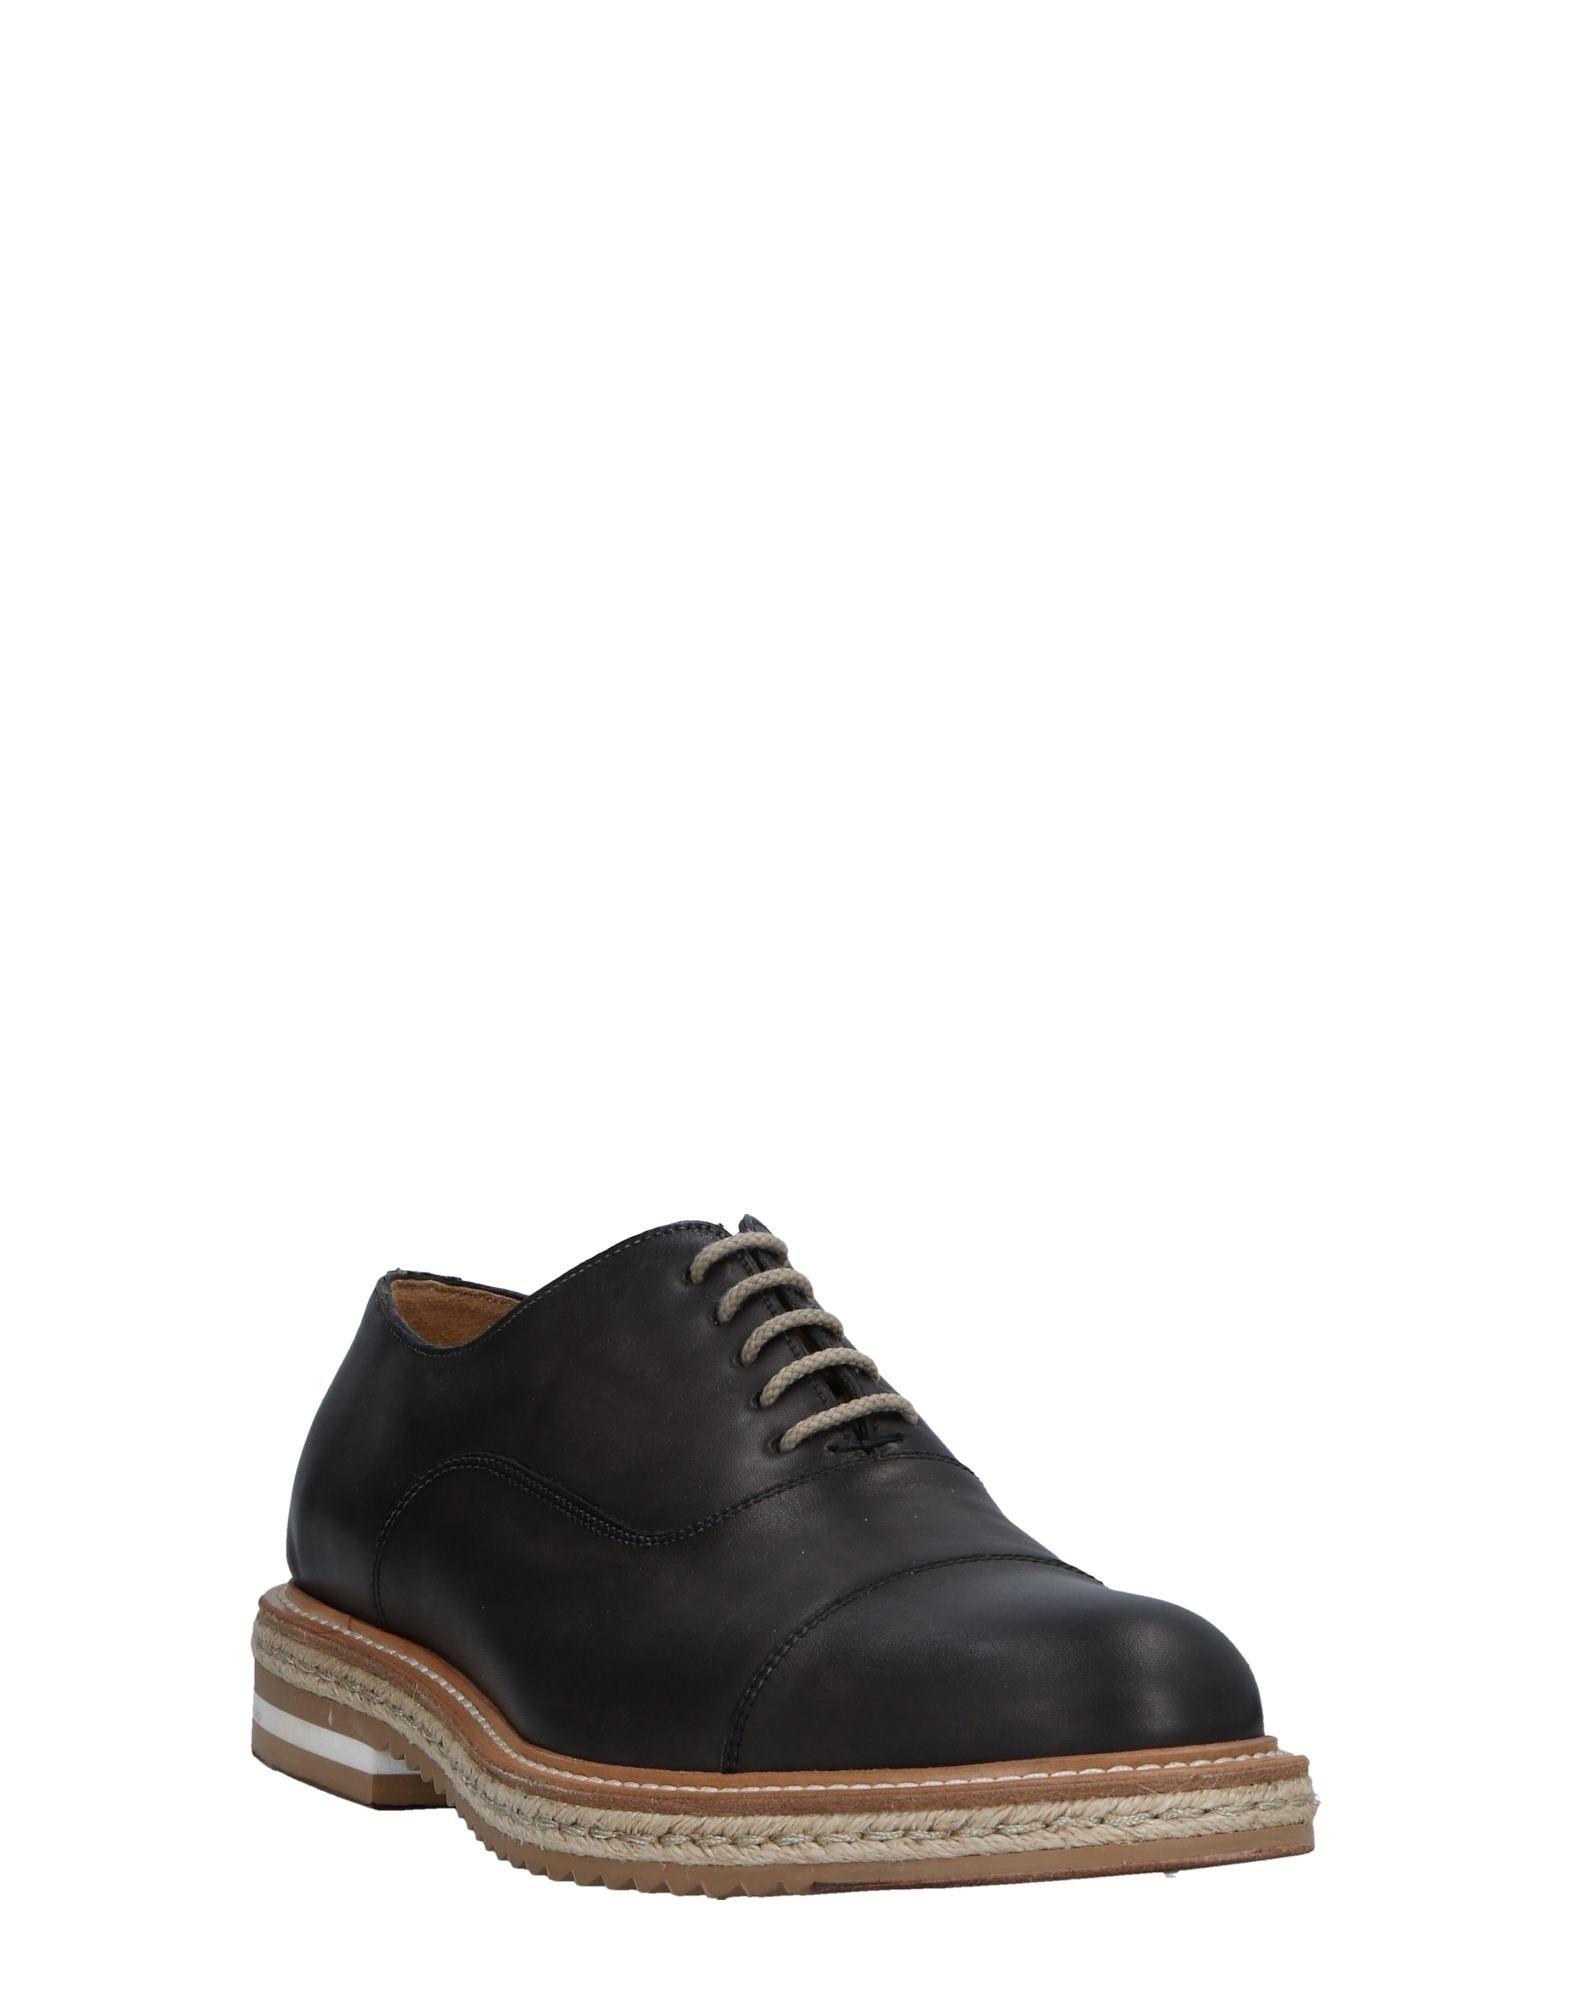 ... Rabatt echte Schuhe Herren Brecos Schnürschuhe Herren Schuhe 11520197SC  2da4da ... 11d304ec24